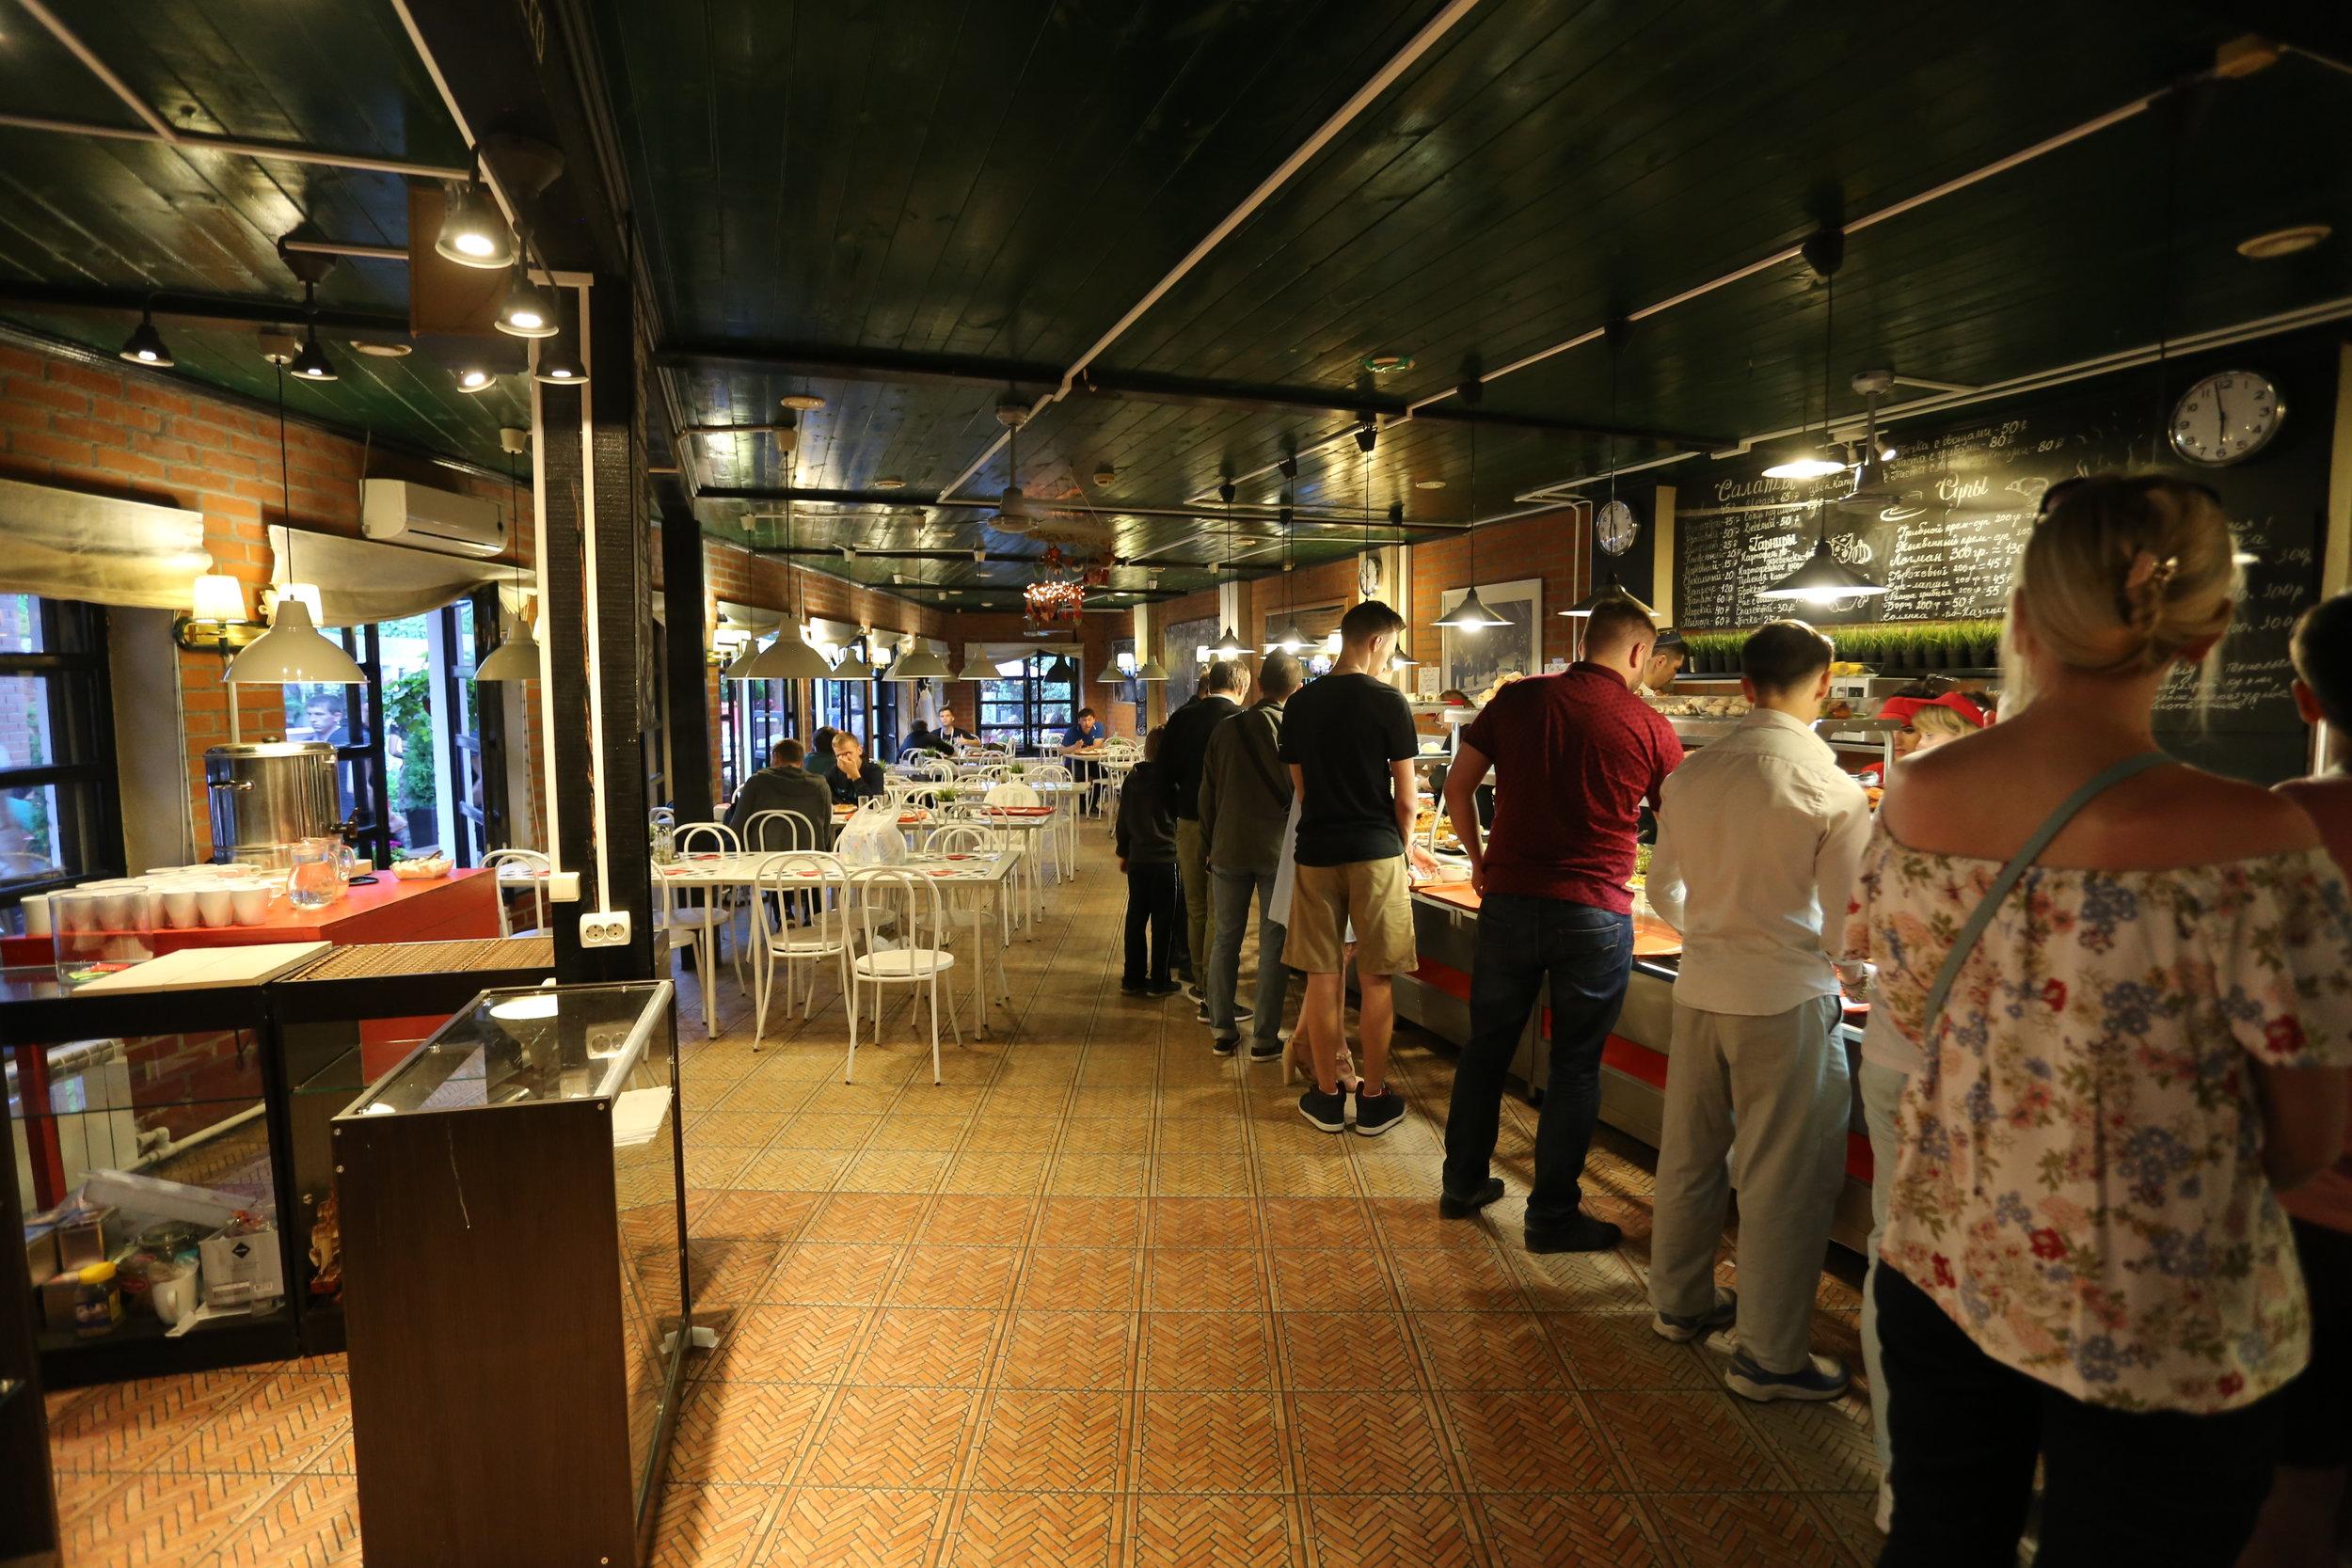 المطعم التابع لبيوت الشباب